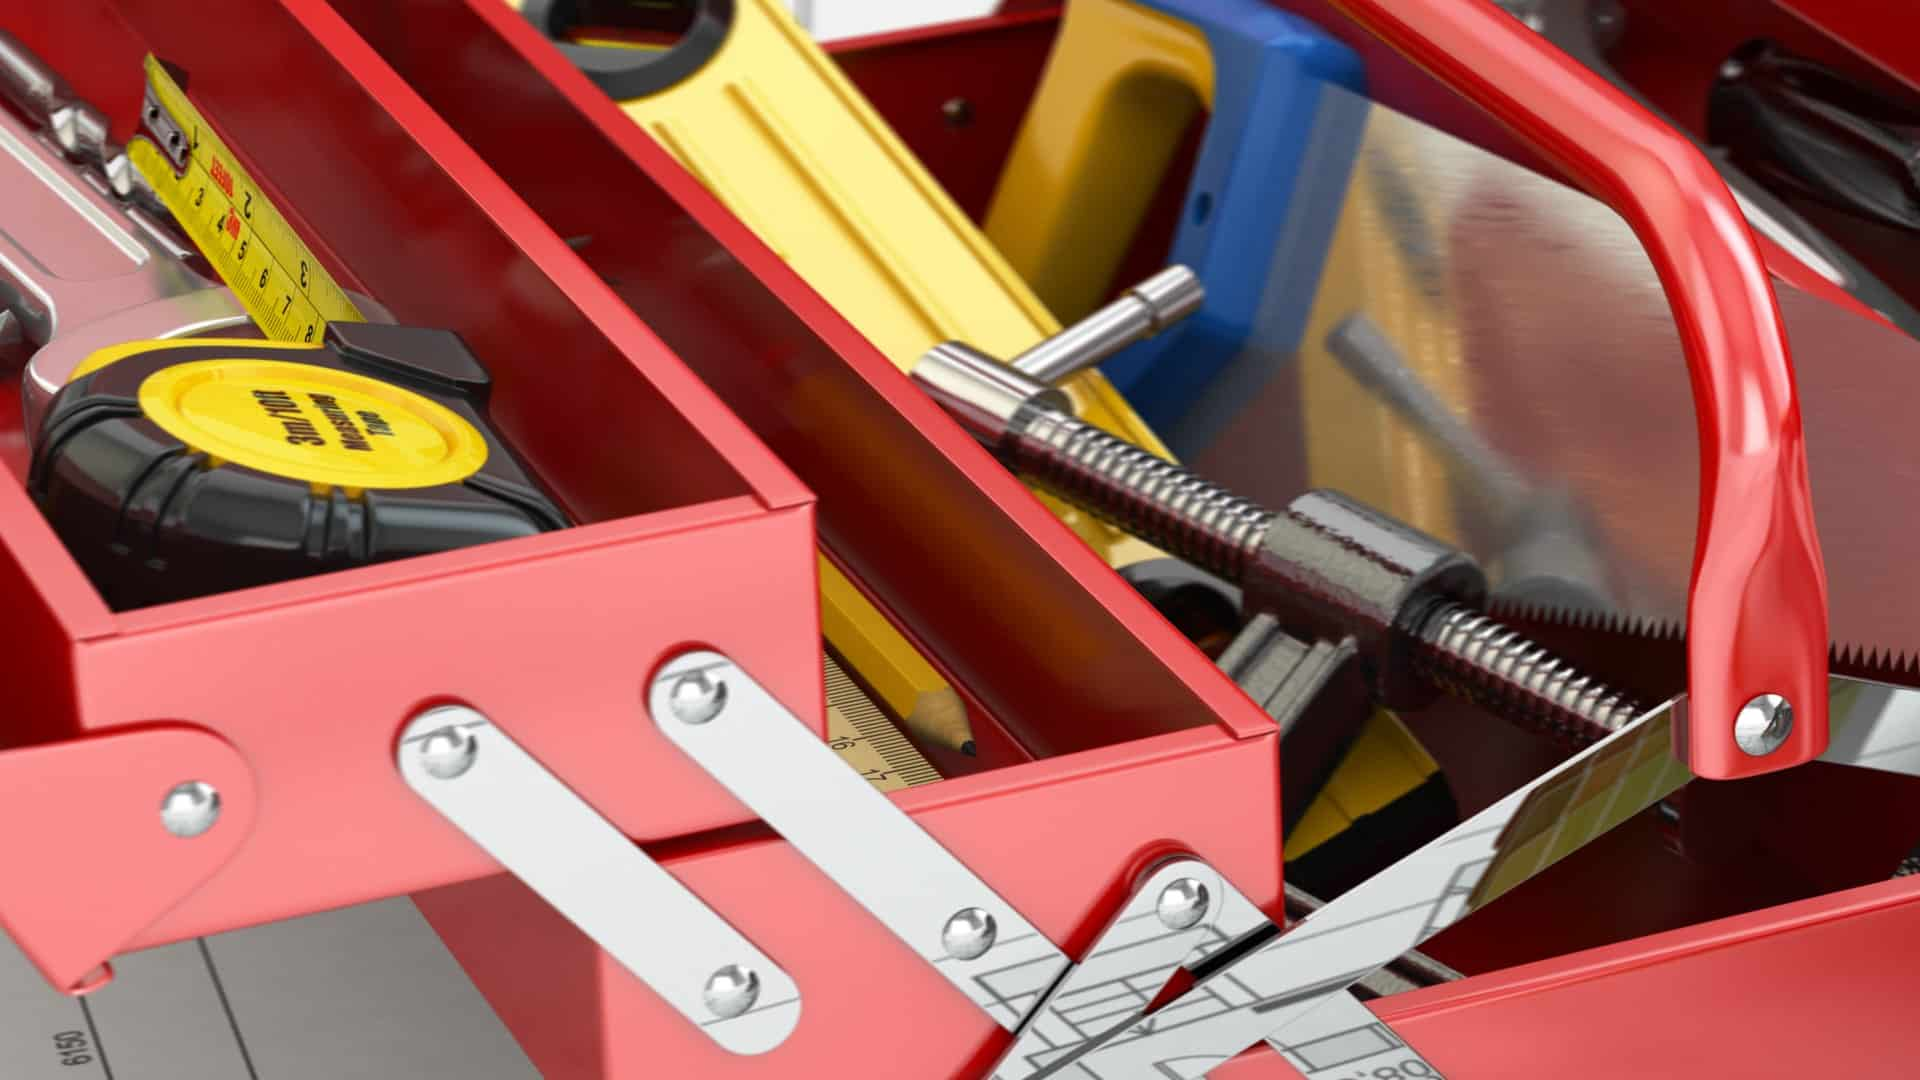 Caixa de ferramentas: Quais são as melhores de 2021?